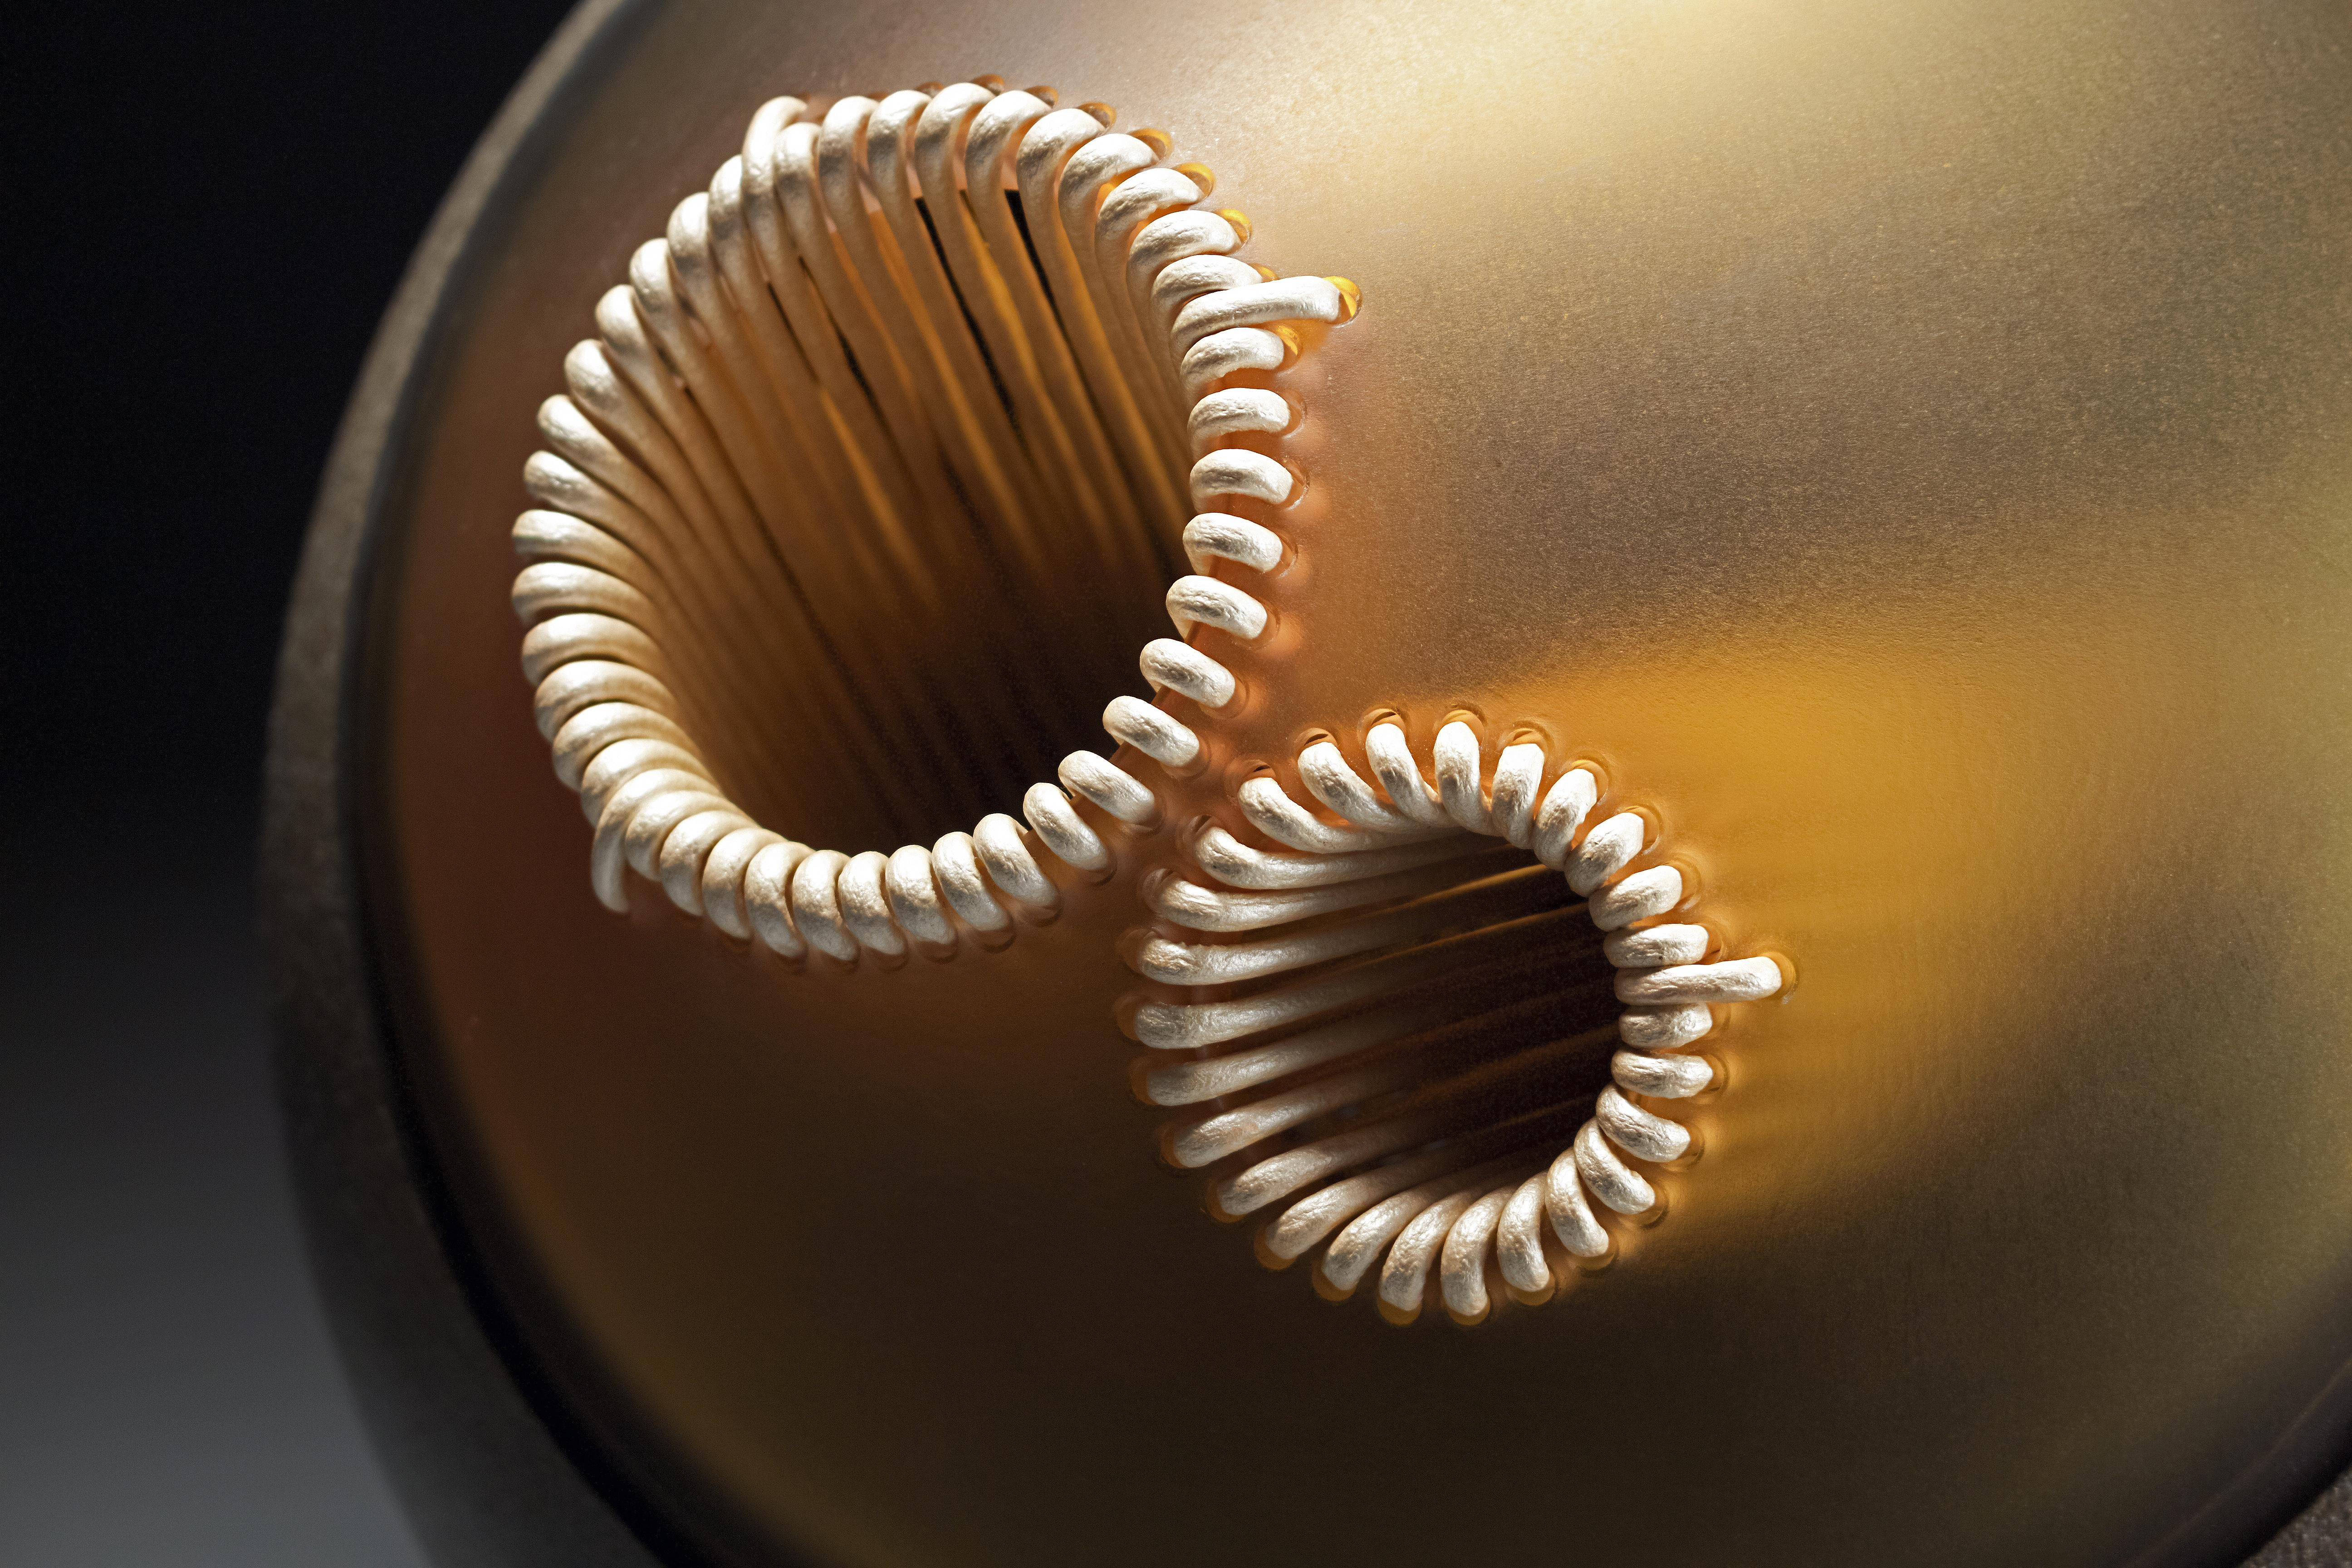 Trajectoire, Gérald Vatrin Verre soufflé jaune et émail gris-noir gravé, tressage en cuir ivoire et rouge 27 x 24 x 29 cm © Gérald Vatrin Courtesy Maison Parisienne